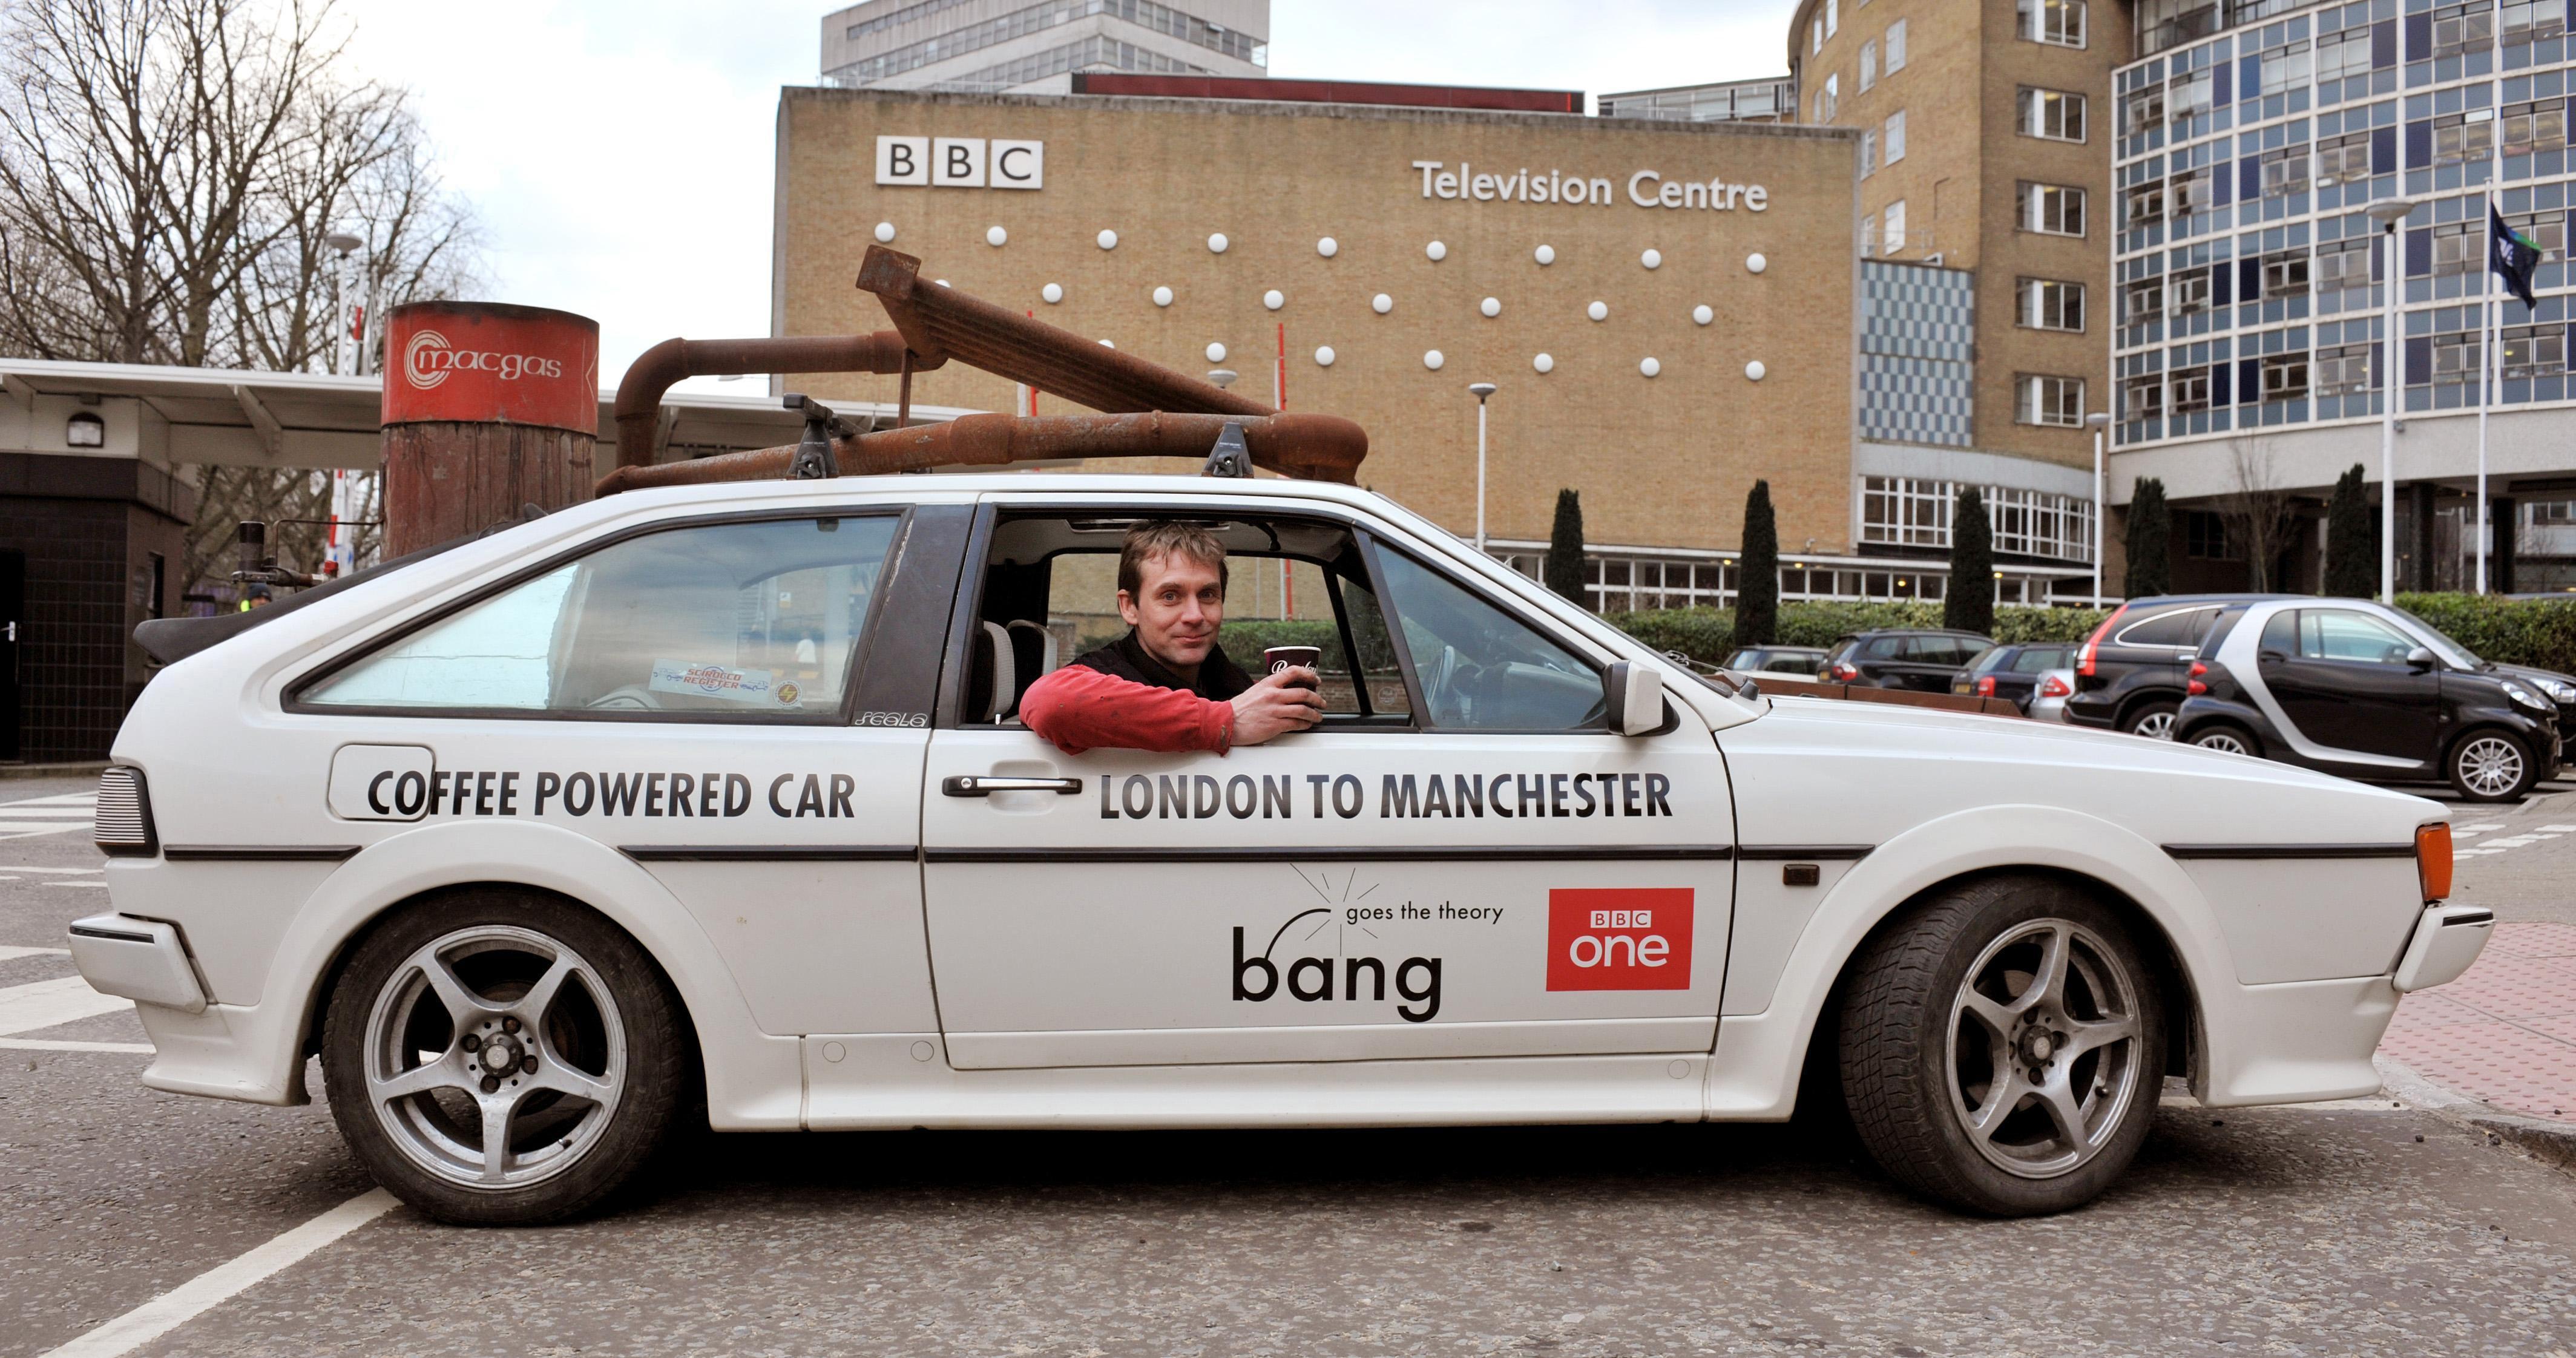 Coffee powered car